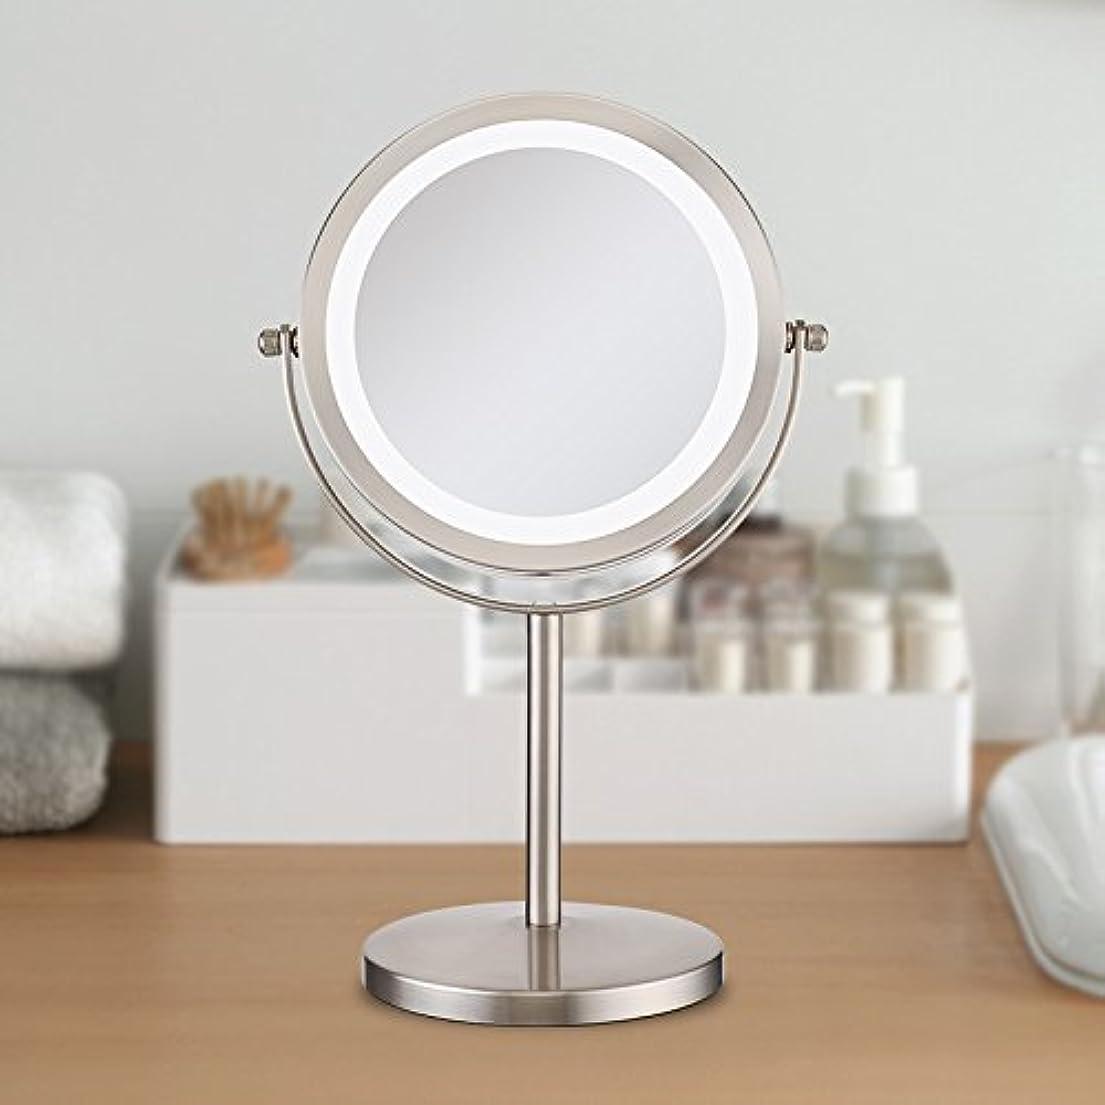 褒賞倒産サポート(セーディコ)Cerdeco 真実の北欧風卓上鏡DX LEDライト付き 10倍拡大率 両面化粧鏡 真実の鏡DX スタンドミラー 鏡面φ178mm (10倍拡大+等倍?両面) D710N